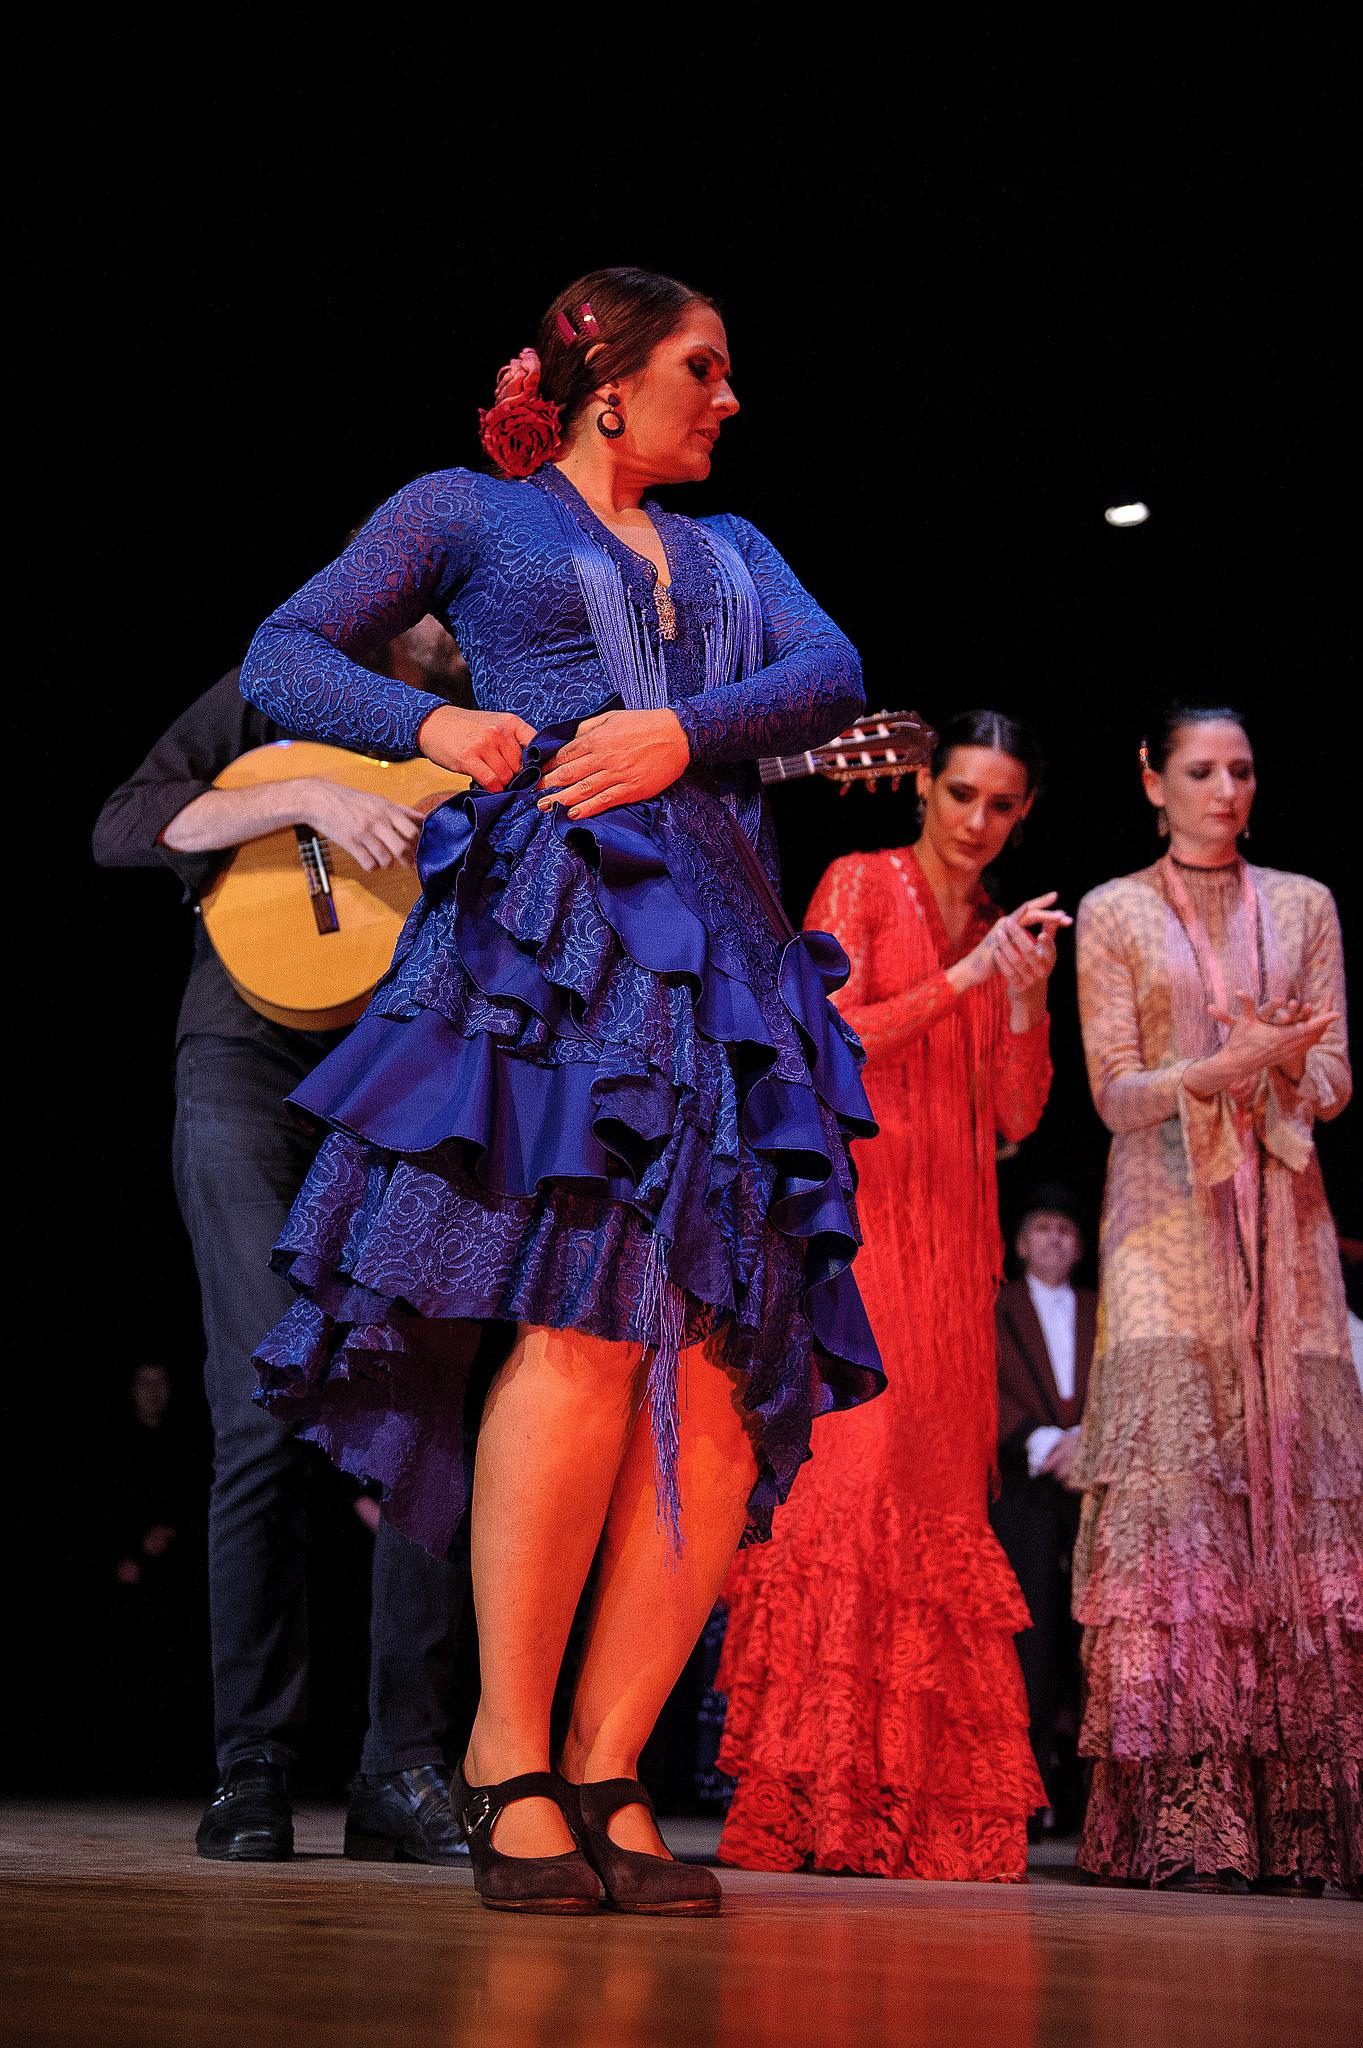 Em Campinas | Café Tablao apresenta show de flamenco com artistas espanhóis no Teatro Iguatemi Blog